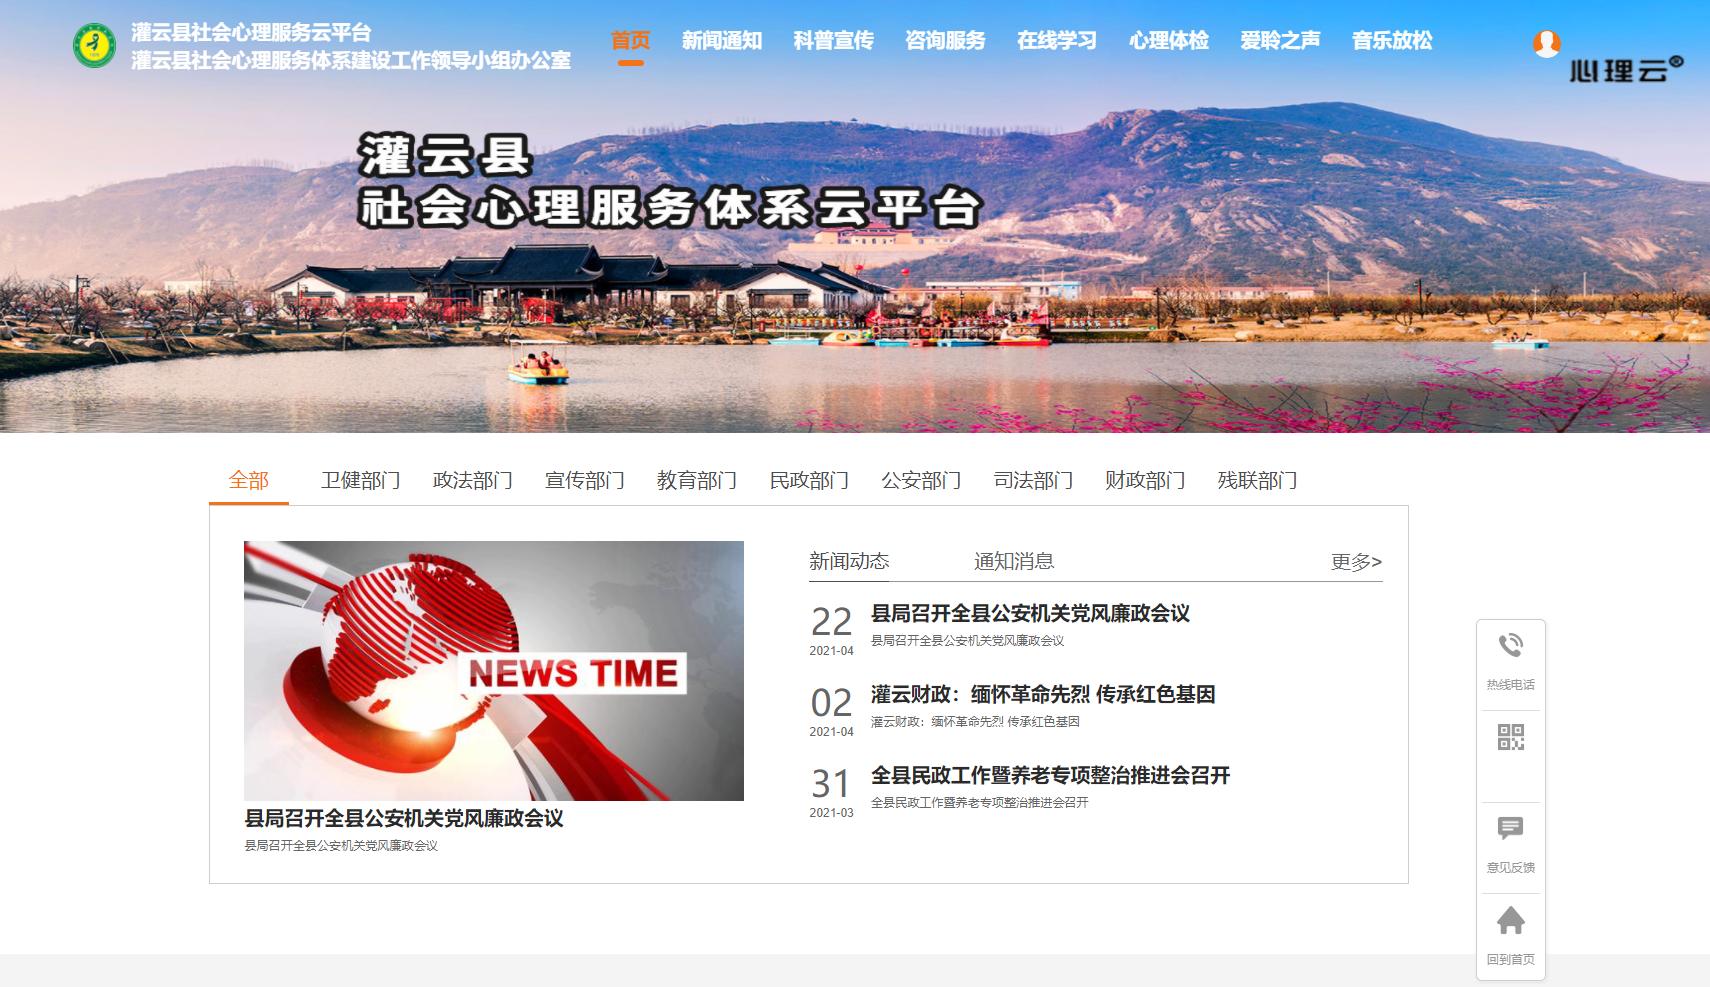 灌云县社会米乐m6官网服务云平台